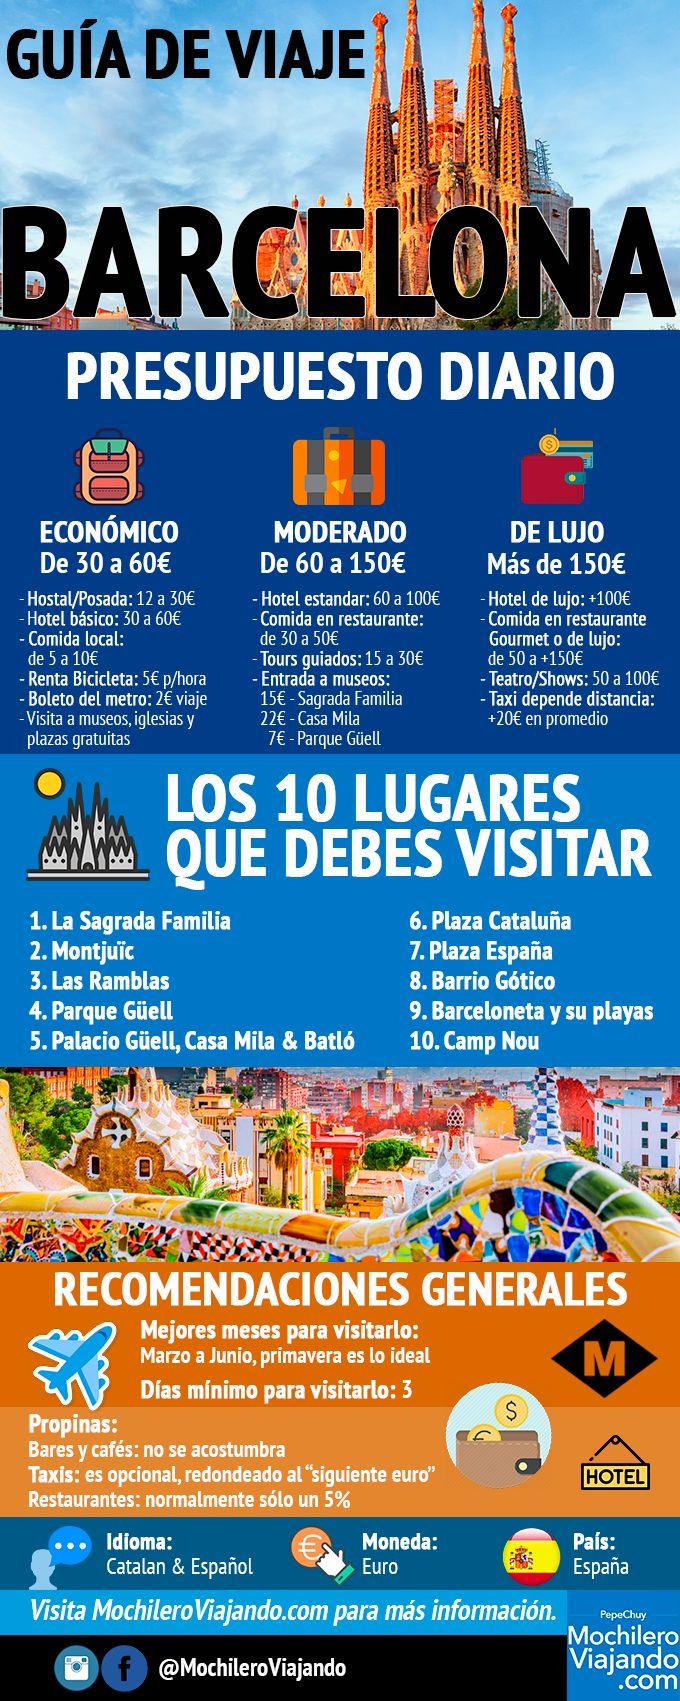 Barcelona: Guía de viaje